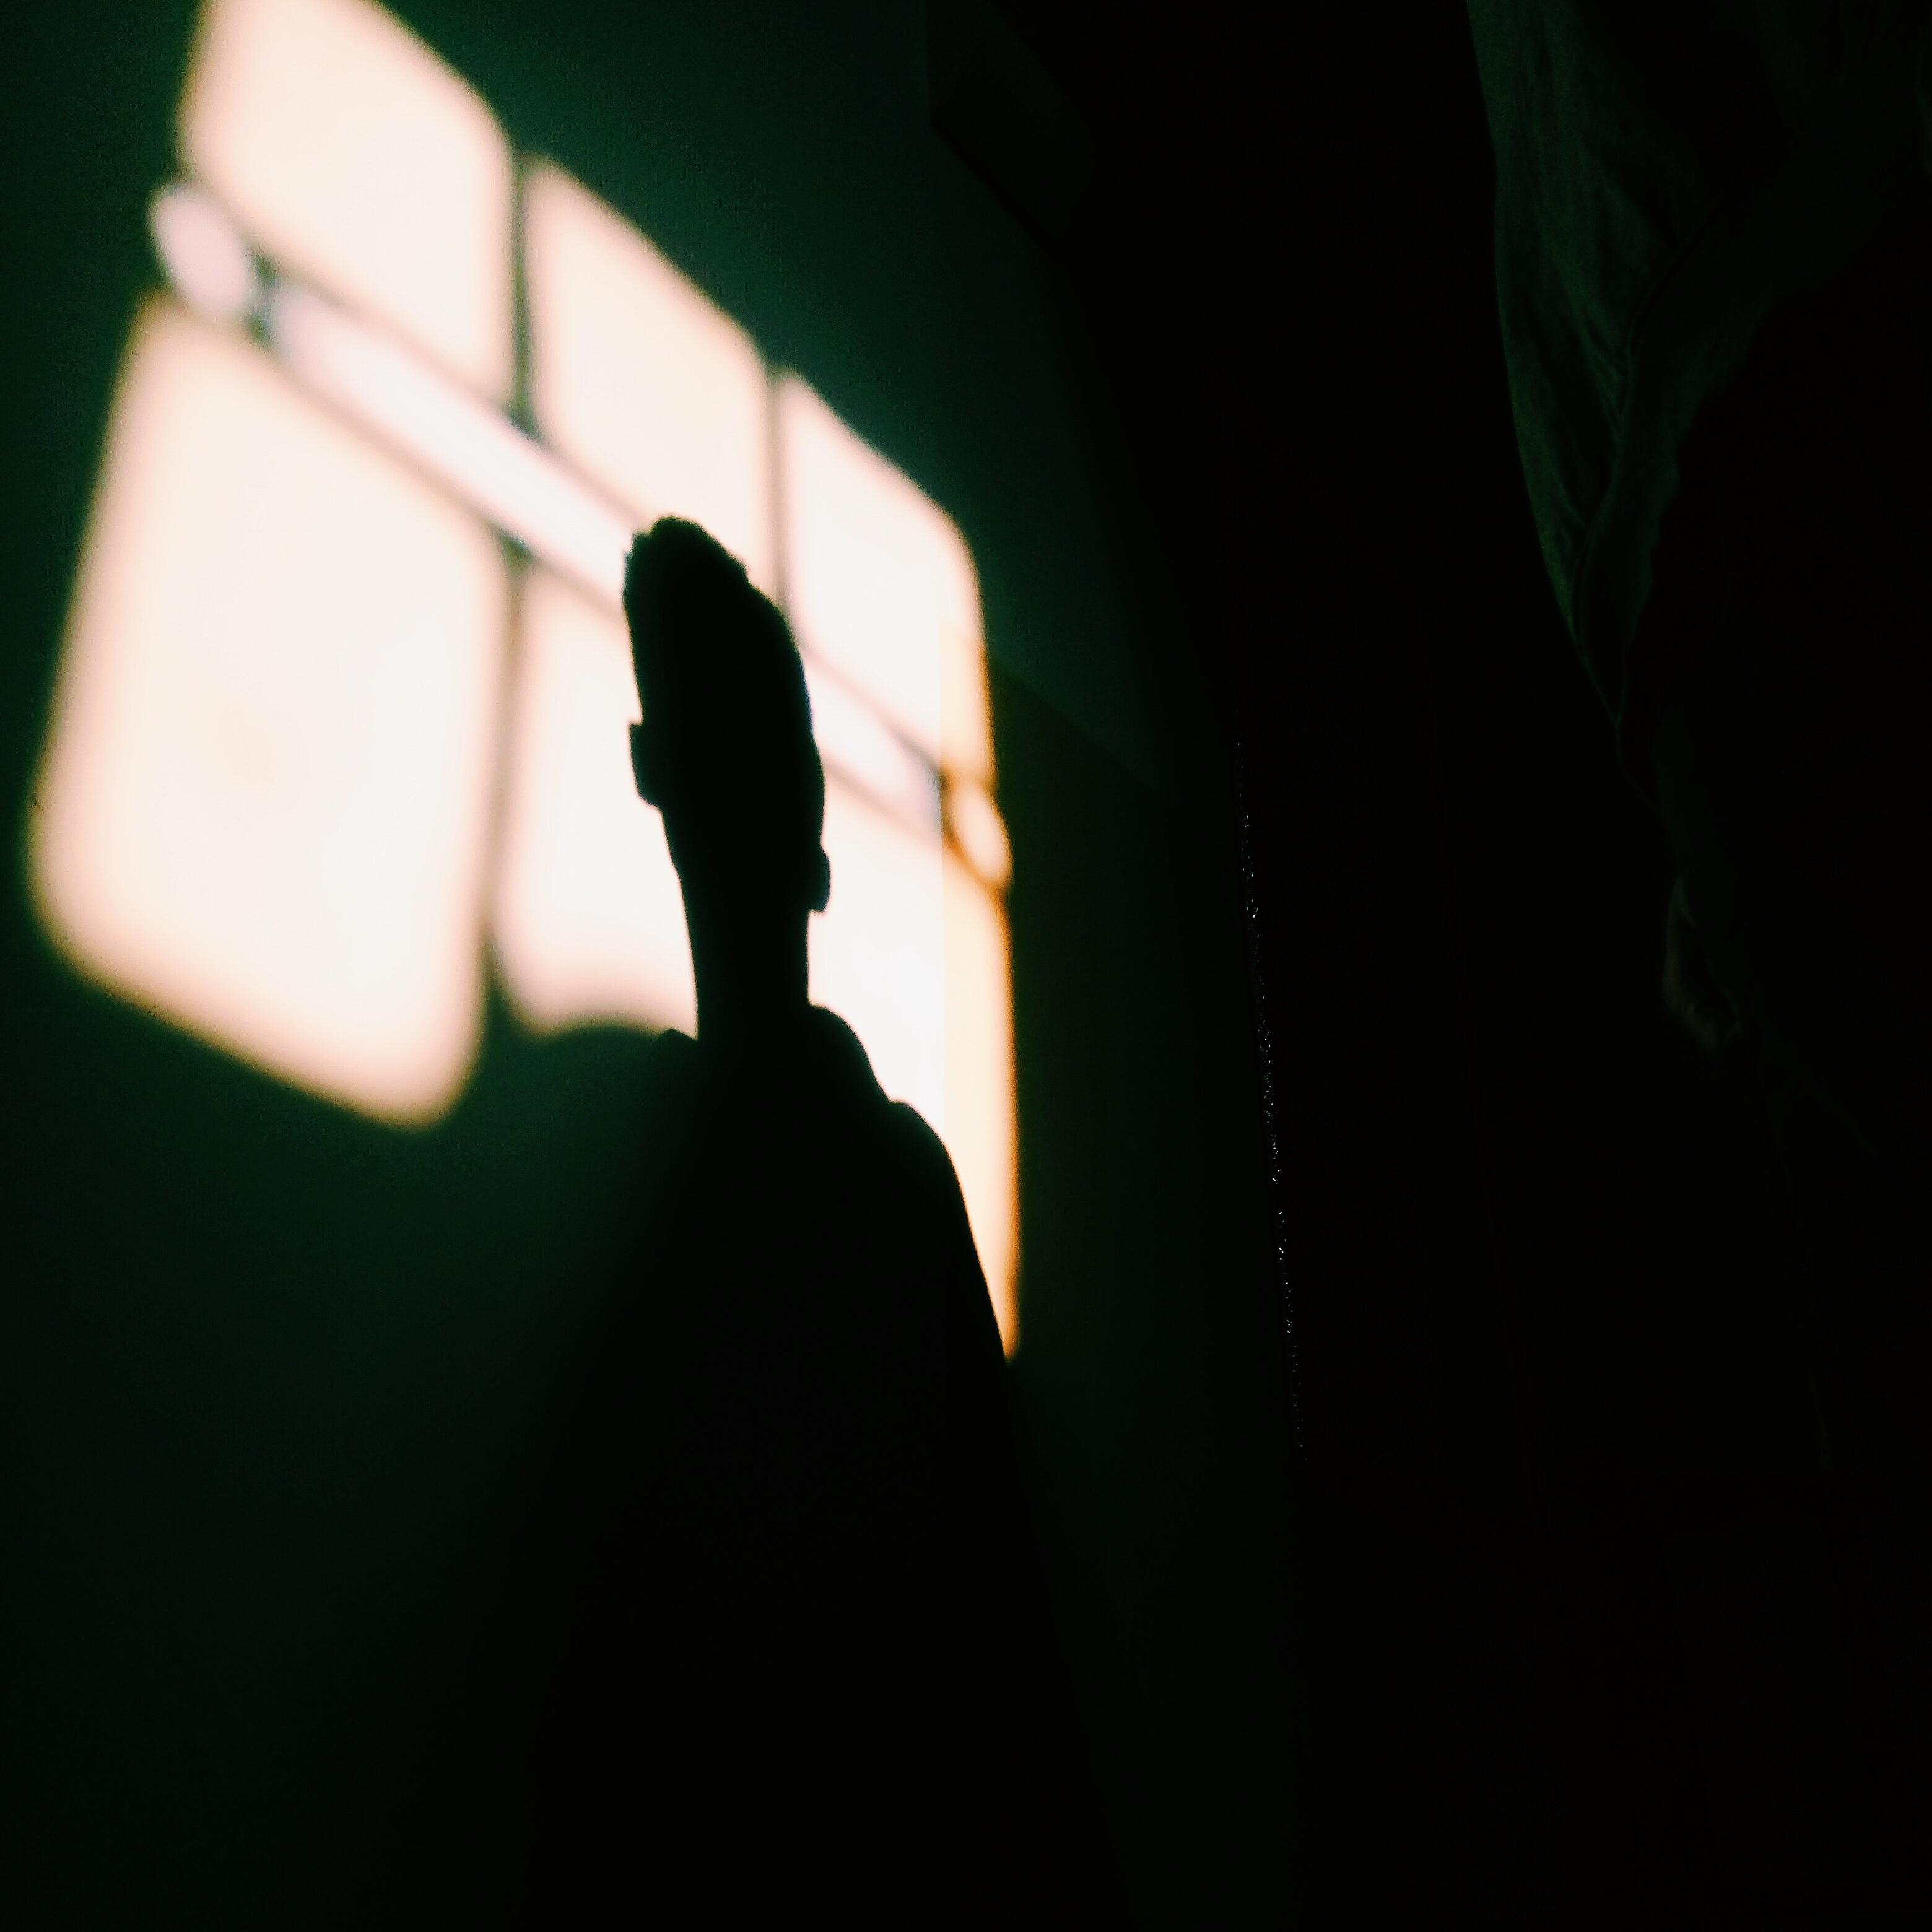 химера пришел фото мужчины в темноте комнате молодая